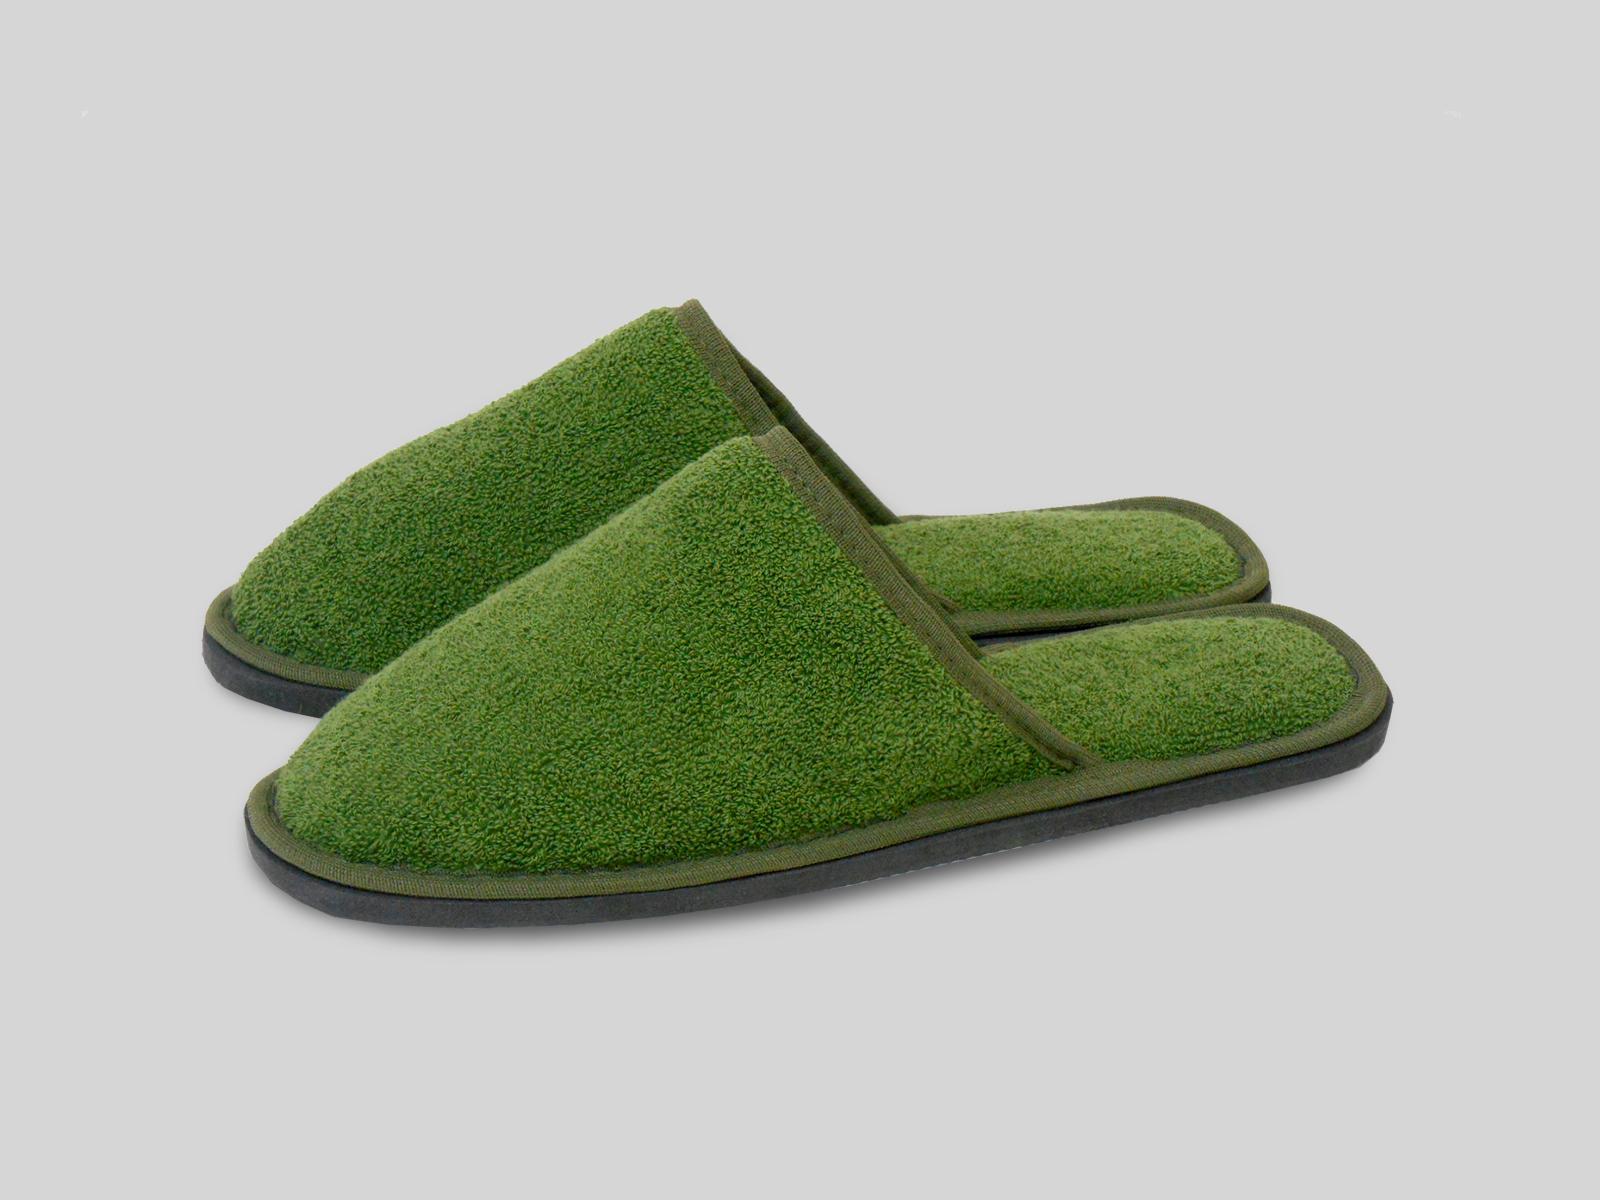 Зеленые тапочки картинки